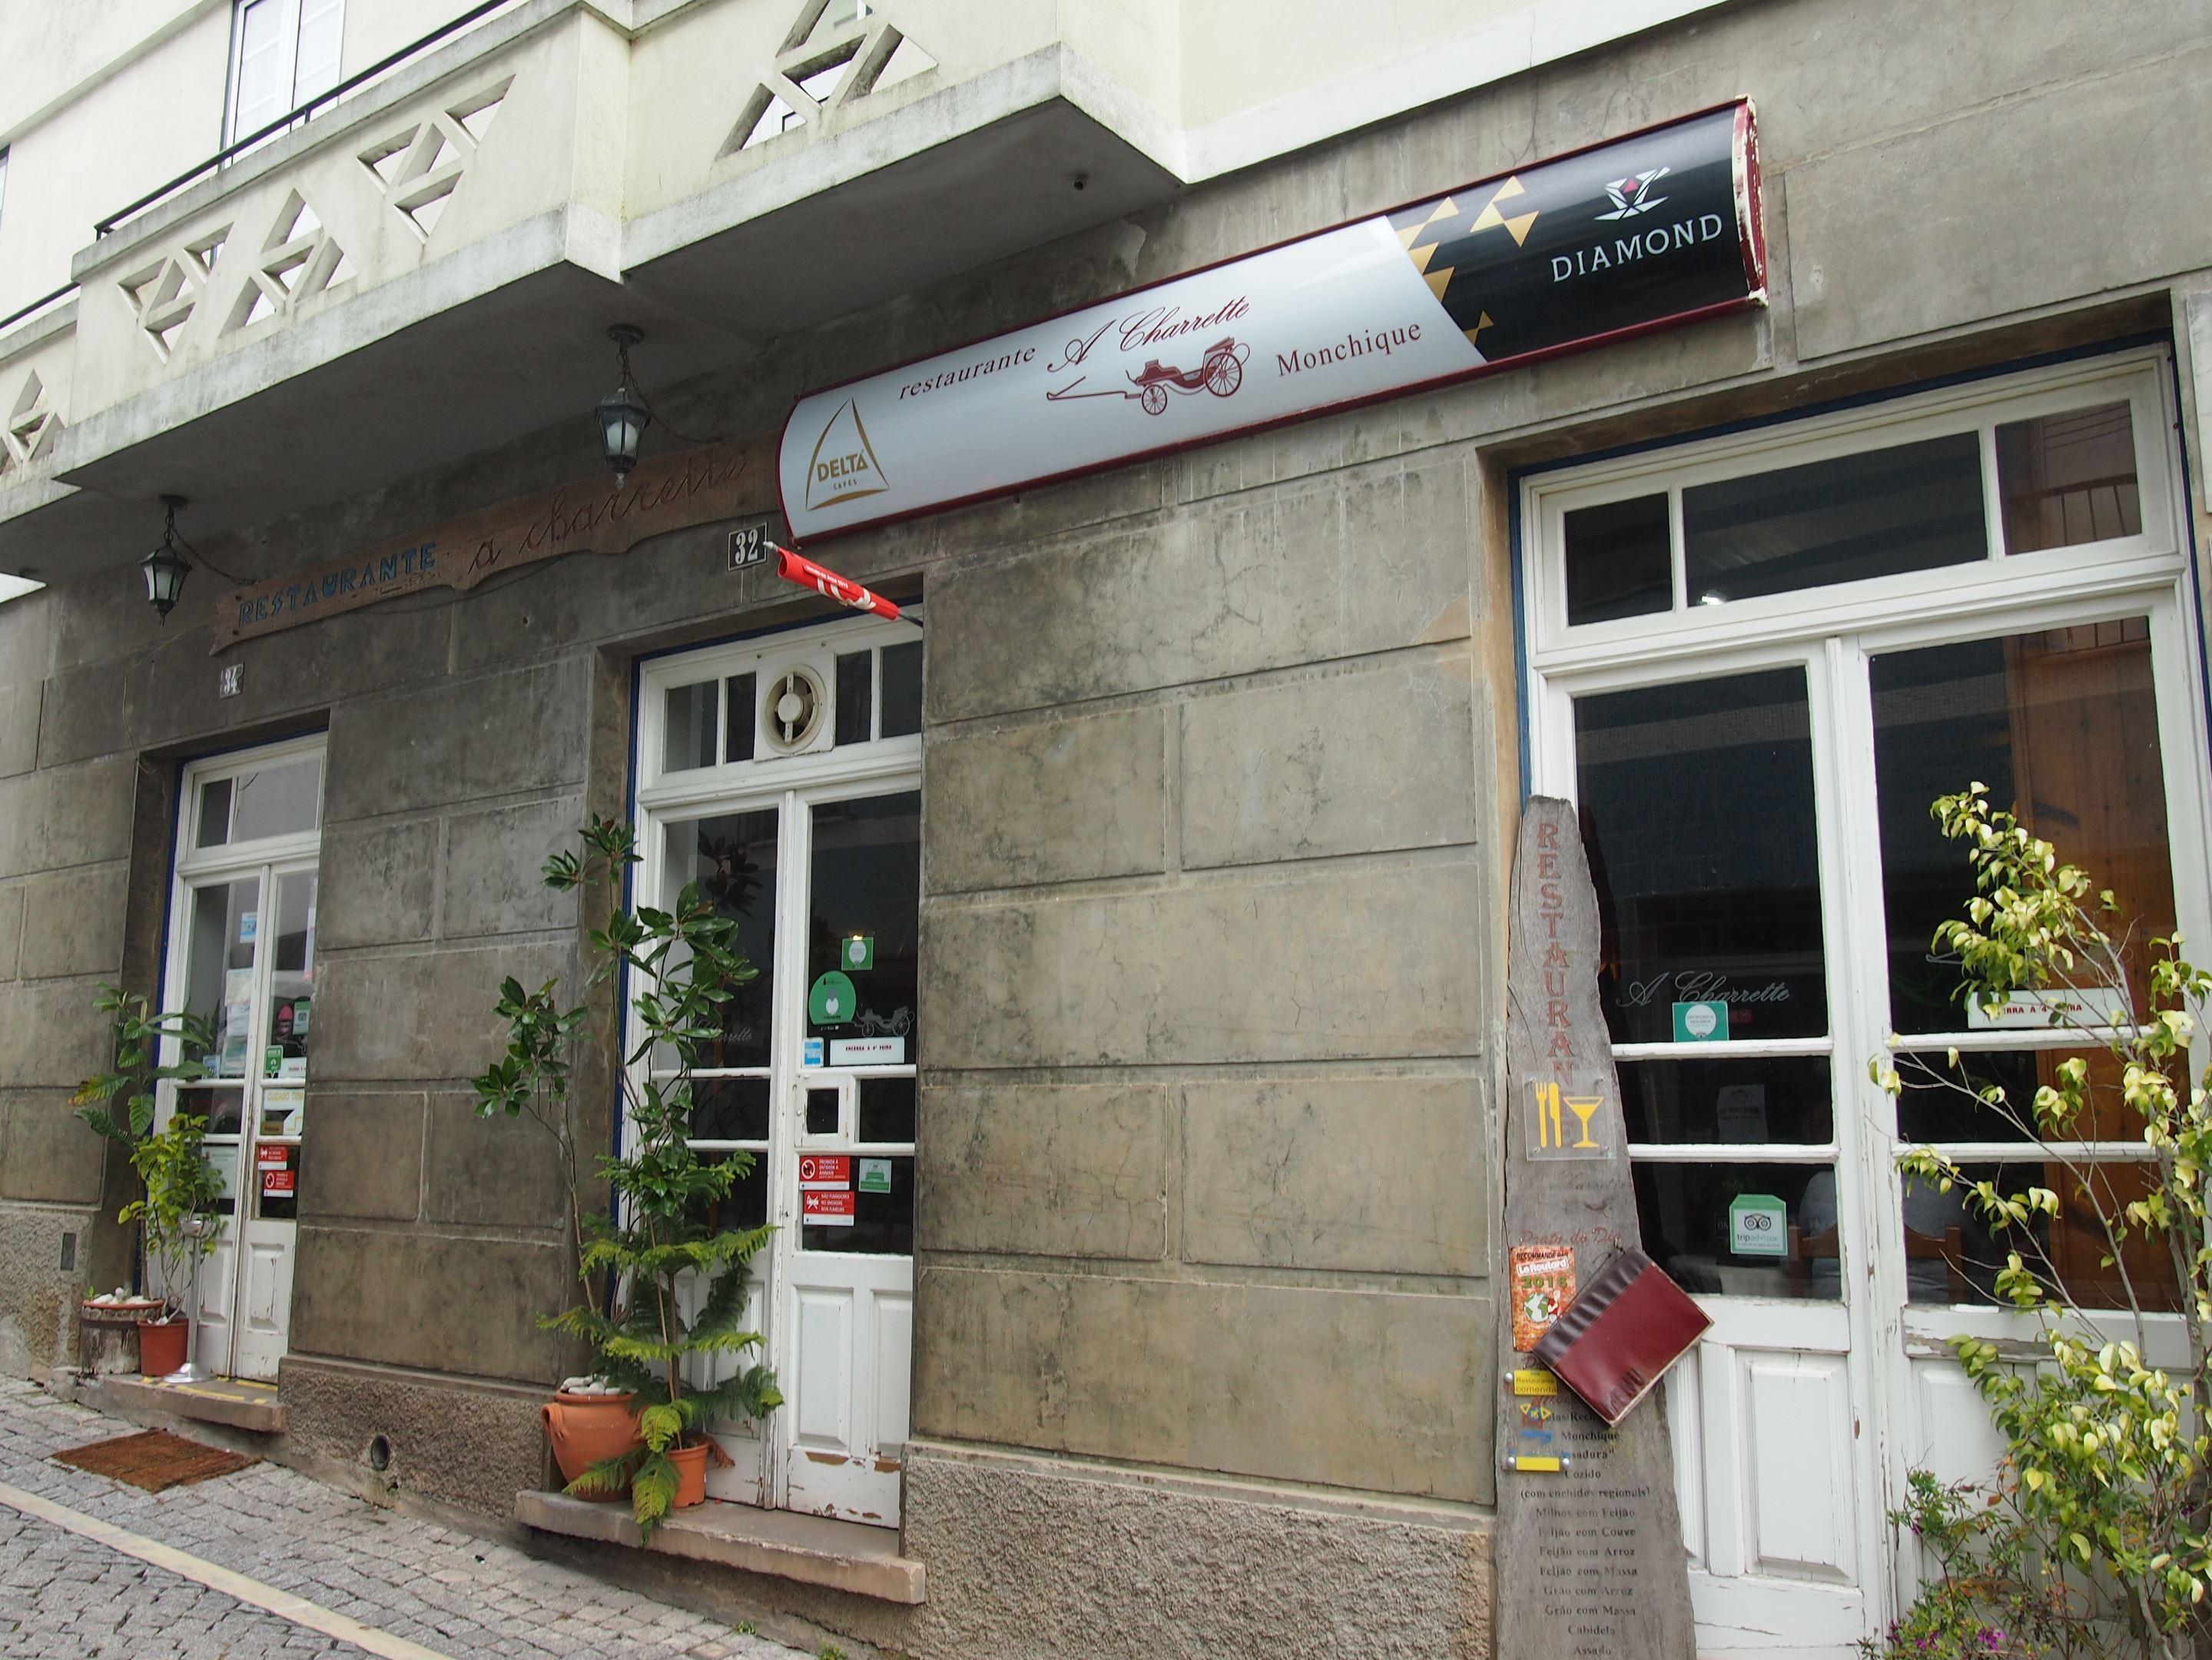 A Charette restaurant, Monchique